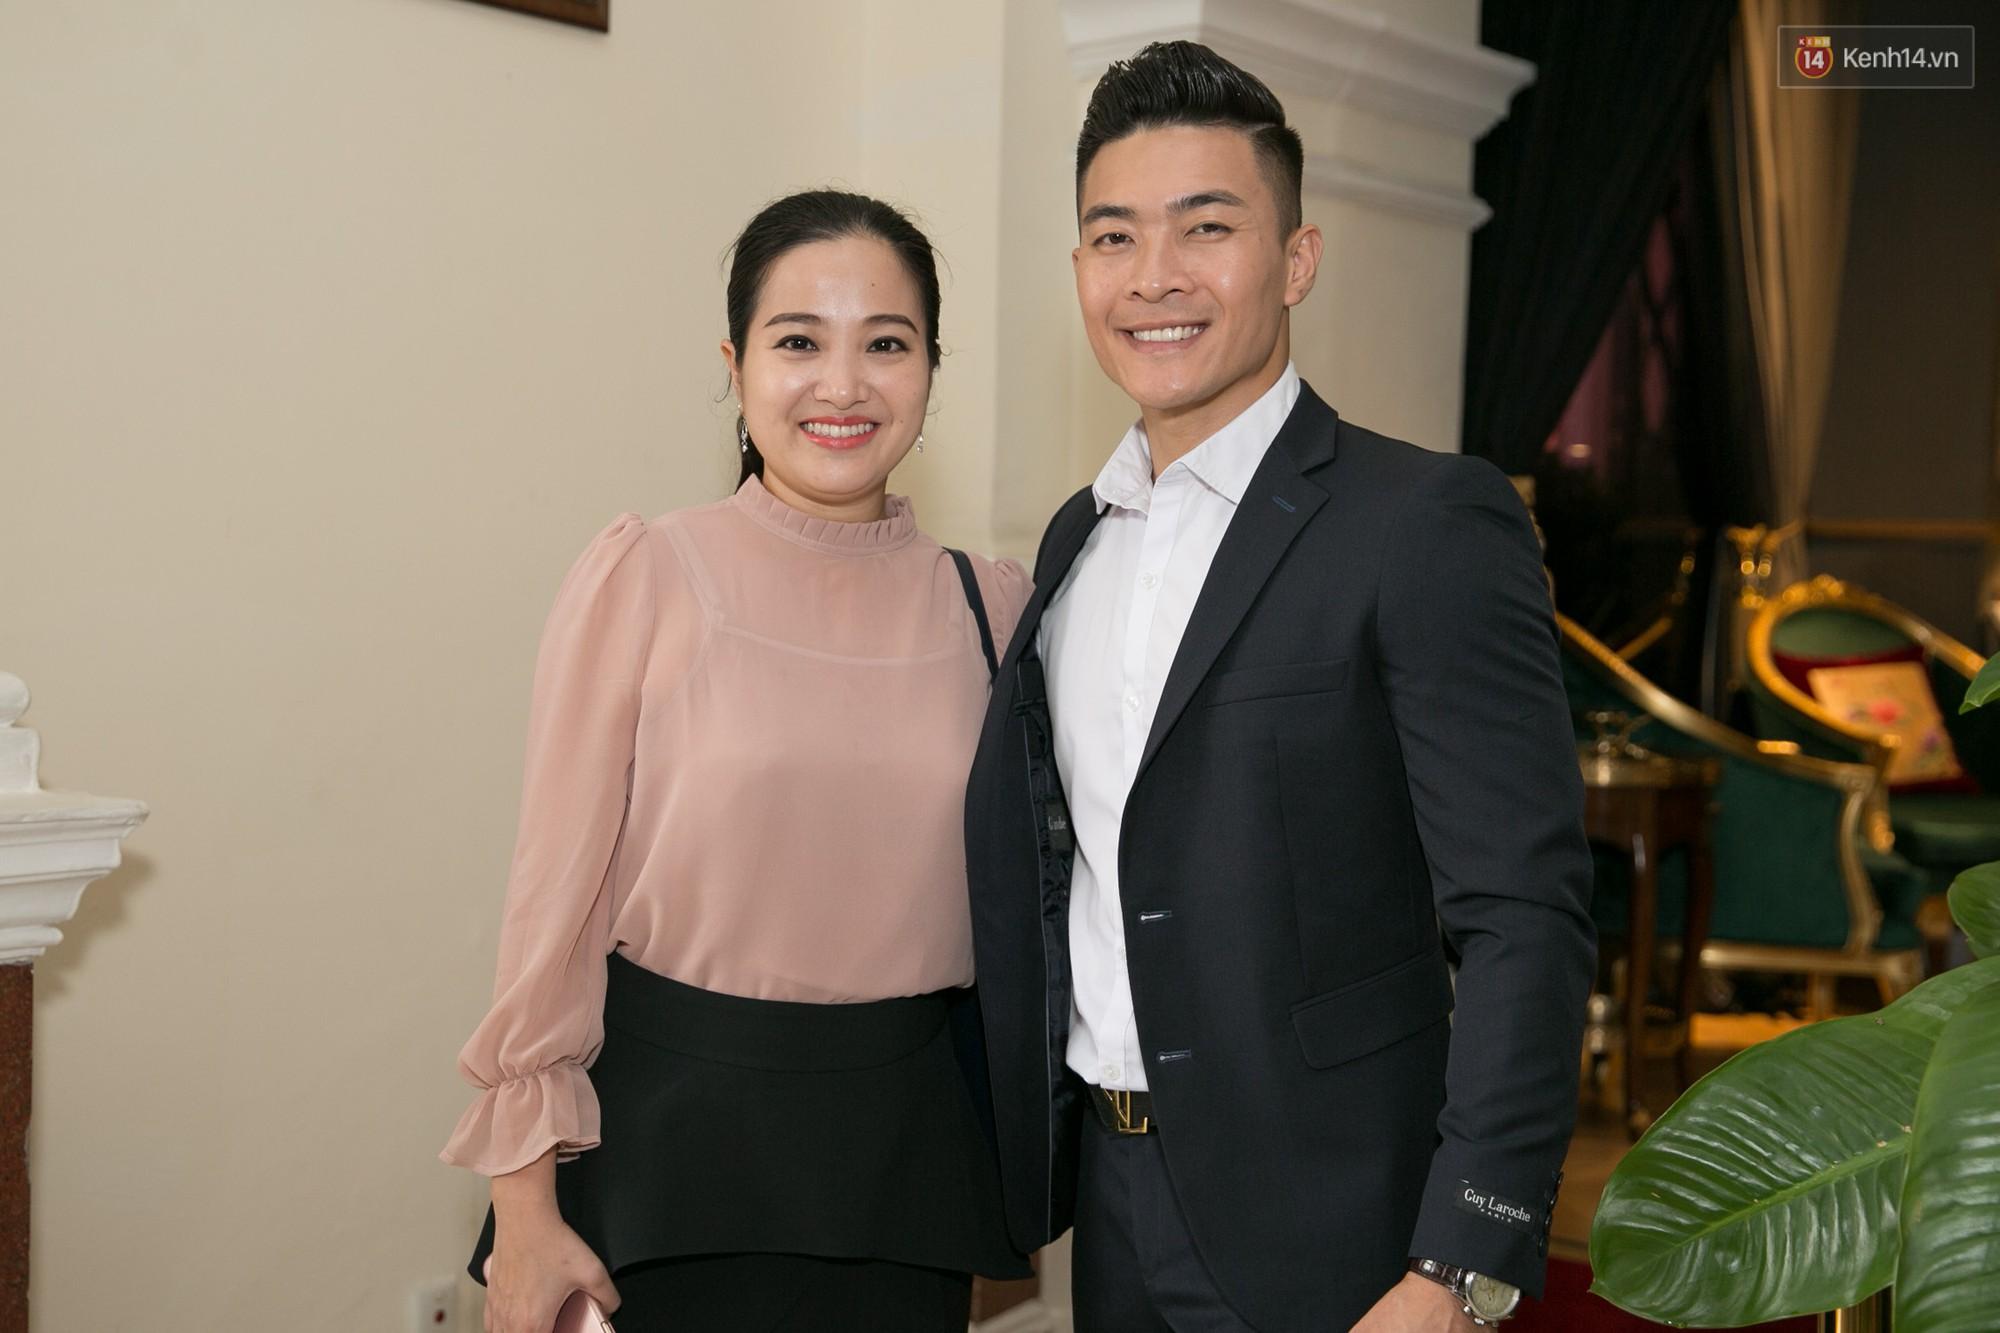 Anh em Quốc Cơ - Quốc Nghiệp phải huỷ show diễn tâm huyết tại Việt Nam vì lý do sức khoẻ - Ảnh 9.